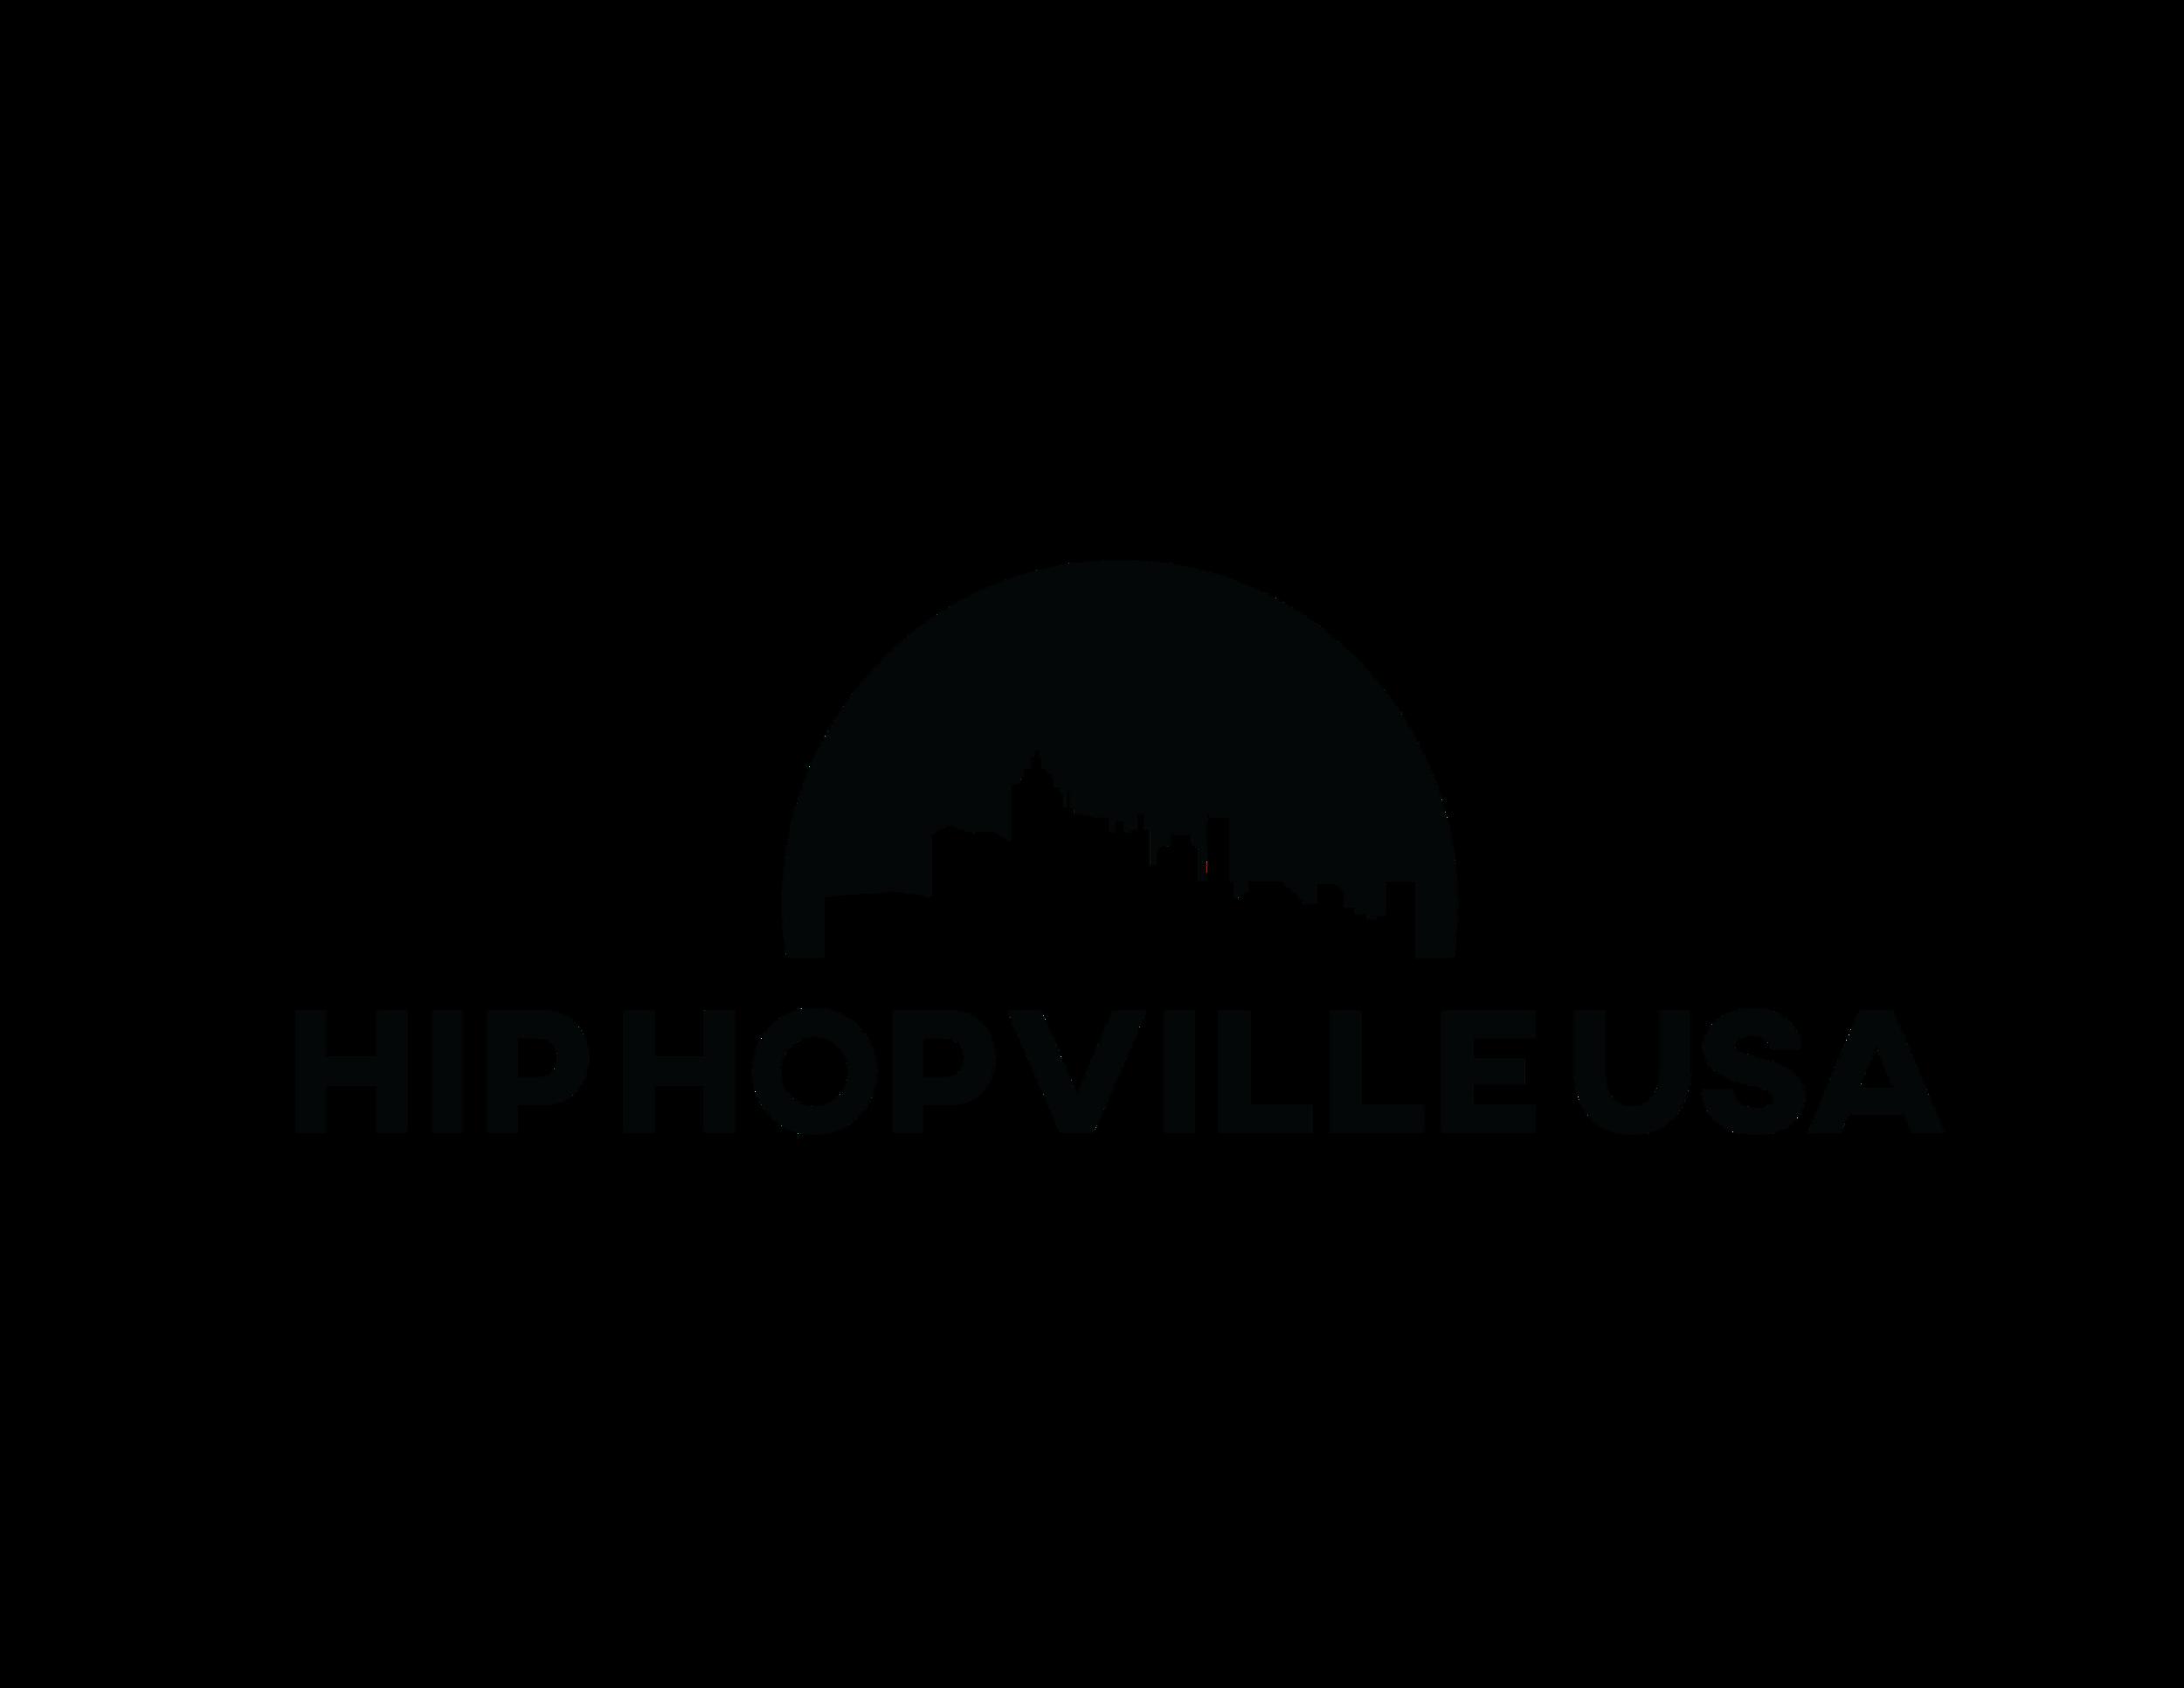 hiphopville-04 copy.png